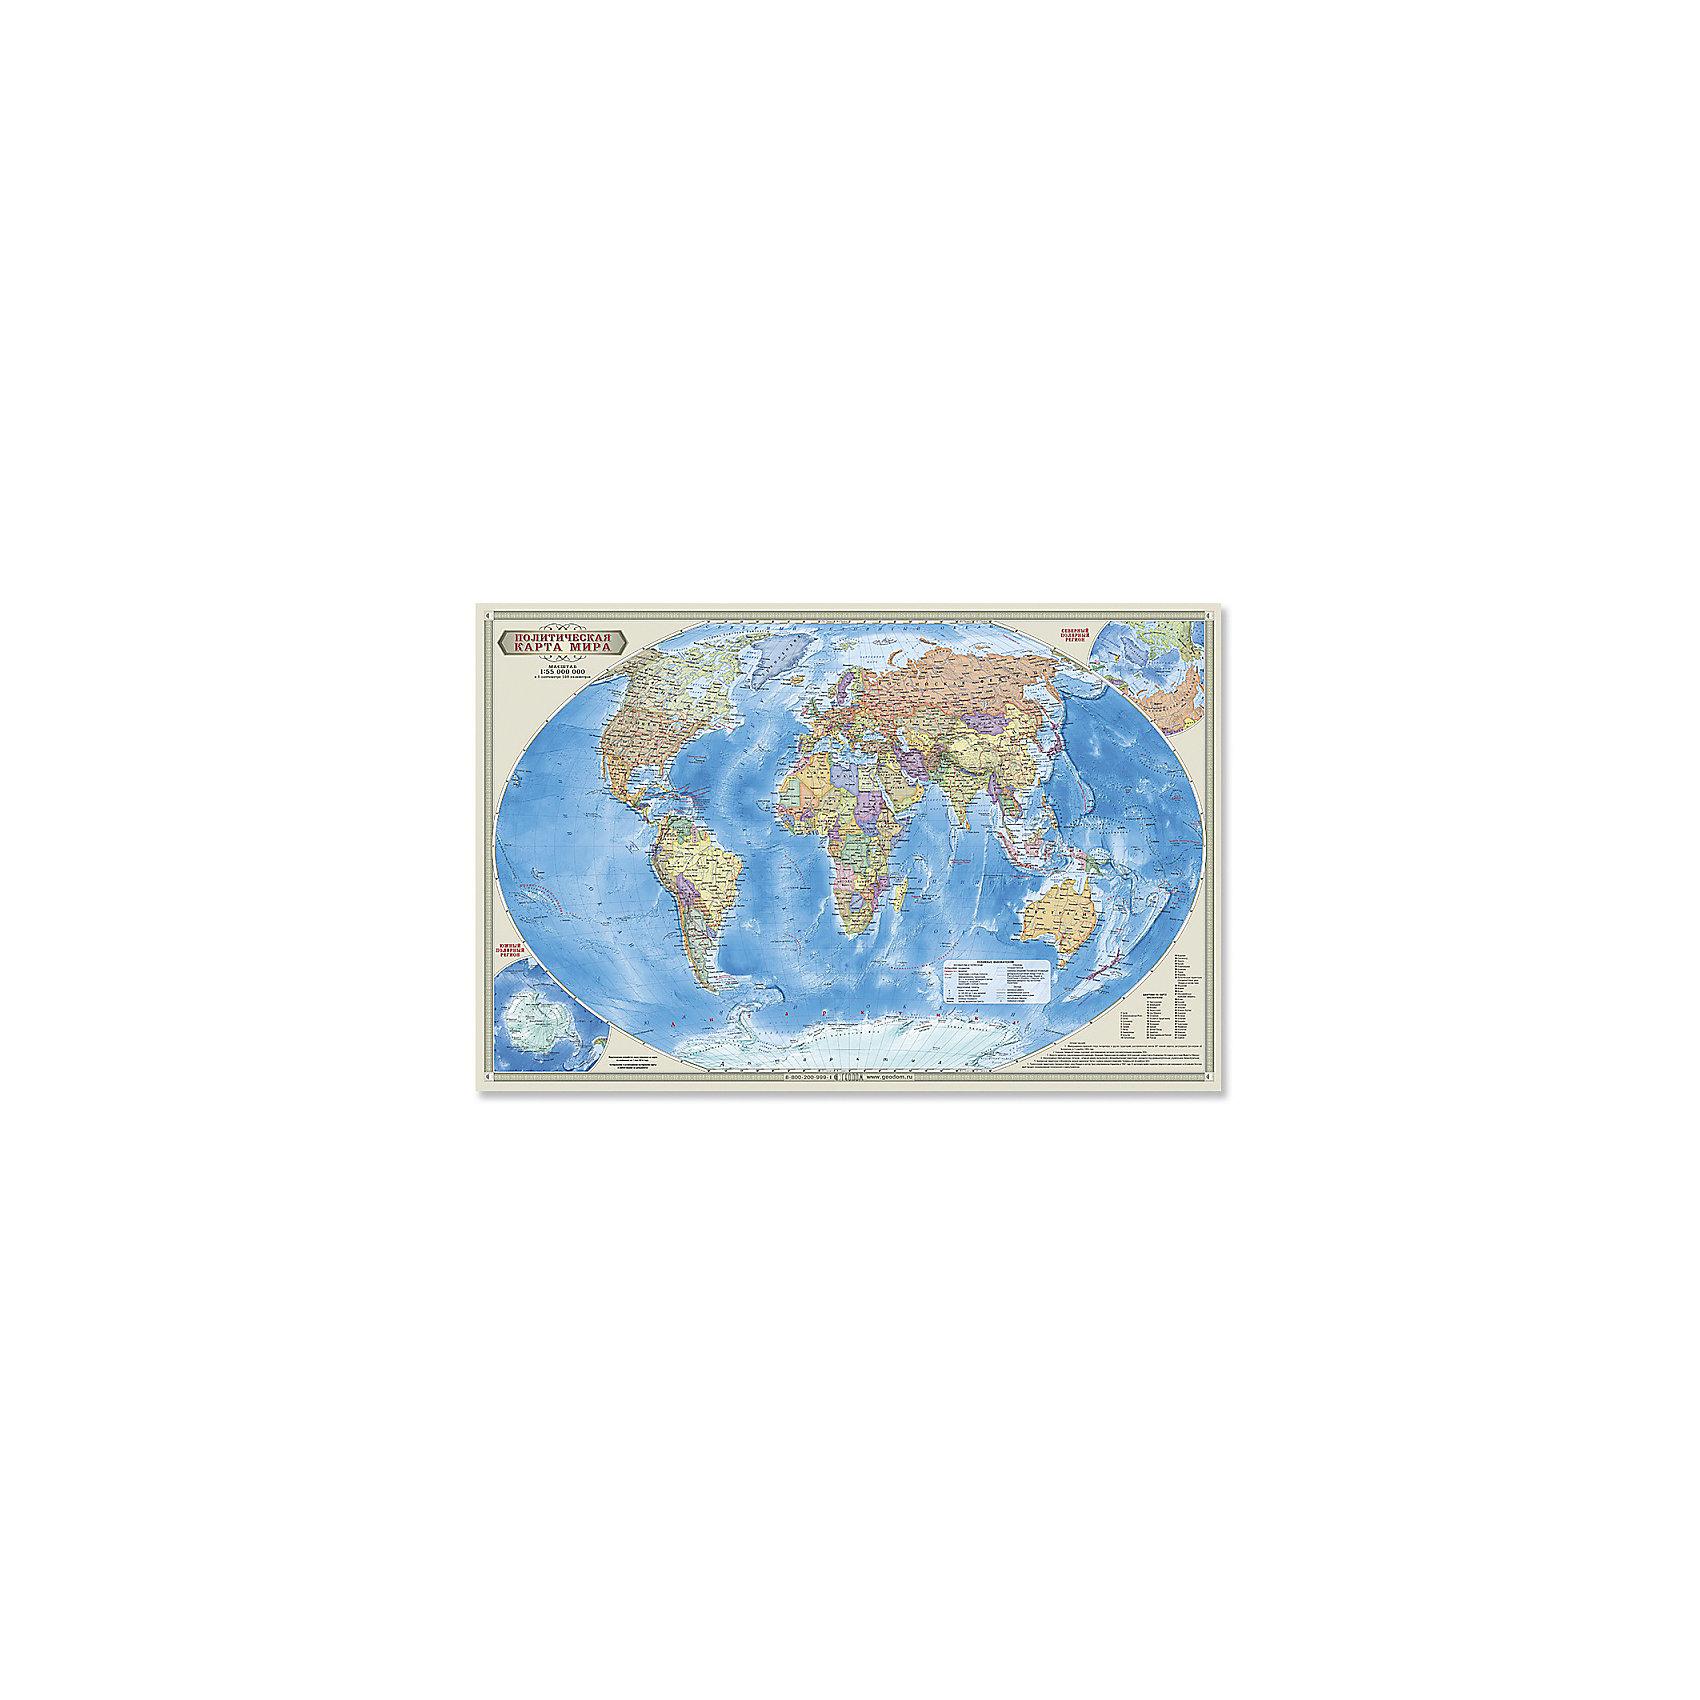 Настольная карта Мир Политический М1:55 млн, 58*38 см, ламинированнаяИздательство Геодом<br>Характеристики товара:<br><br>• материал: ламинированный картон<br>• возраст: от 6 лет<br>• габариты упаковки: 58х38х1 см<br>• размер карты: 58х38 см<br>• вес: 100 г<br>• страна производитель: Россия<br><br>Карта политического мира подробно отражает современное политико-административное устройство мира и границы государств. Территории государств выделены цветом. Населённые пункты отображены по числу жителей и административному значению, показаны основные наземные пути сообщения и судоходные каналы. Особенность данной карты в том, что на ней, помимо геополитической информации, размещена символика государств мира. Государственные флаги стран мира сгруппированы по каждому континенту.<br><br>Карту-пазл Мир политический М1:55 млн, 58*38 см, можно купить в нашем интернет-магазине.<br><br>Ширина мм: 580<br>Глубина мм: 380<br>Высота мм: 1<br>Вес г: 100<br>Возраст от месяцев: 36<br>Возраст до месяцев: 2147483647<br>Пол: Унисекс<br>Возраст: Детский<br>SKU: 5422952